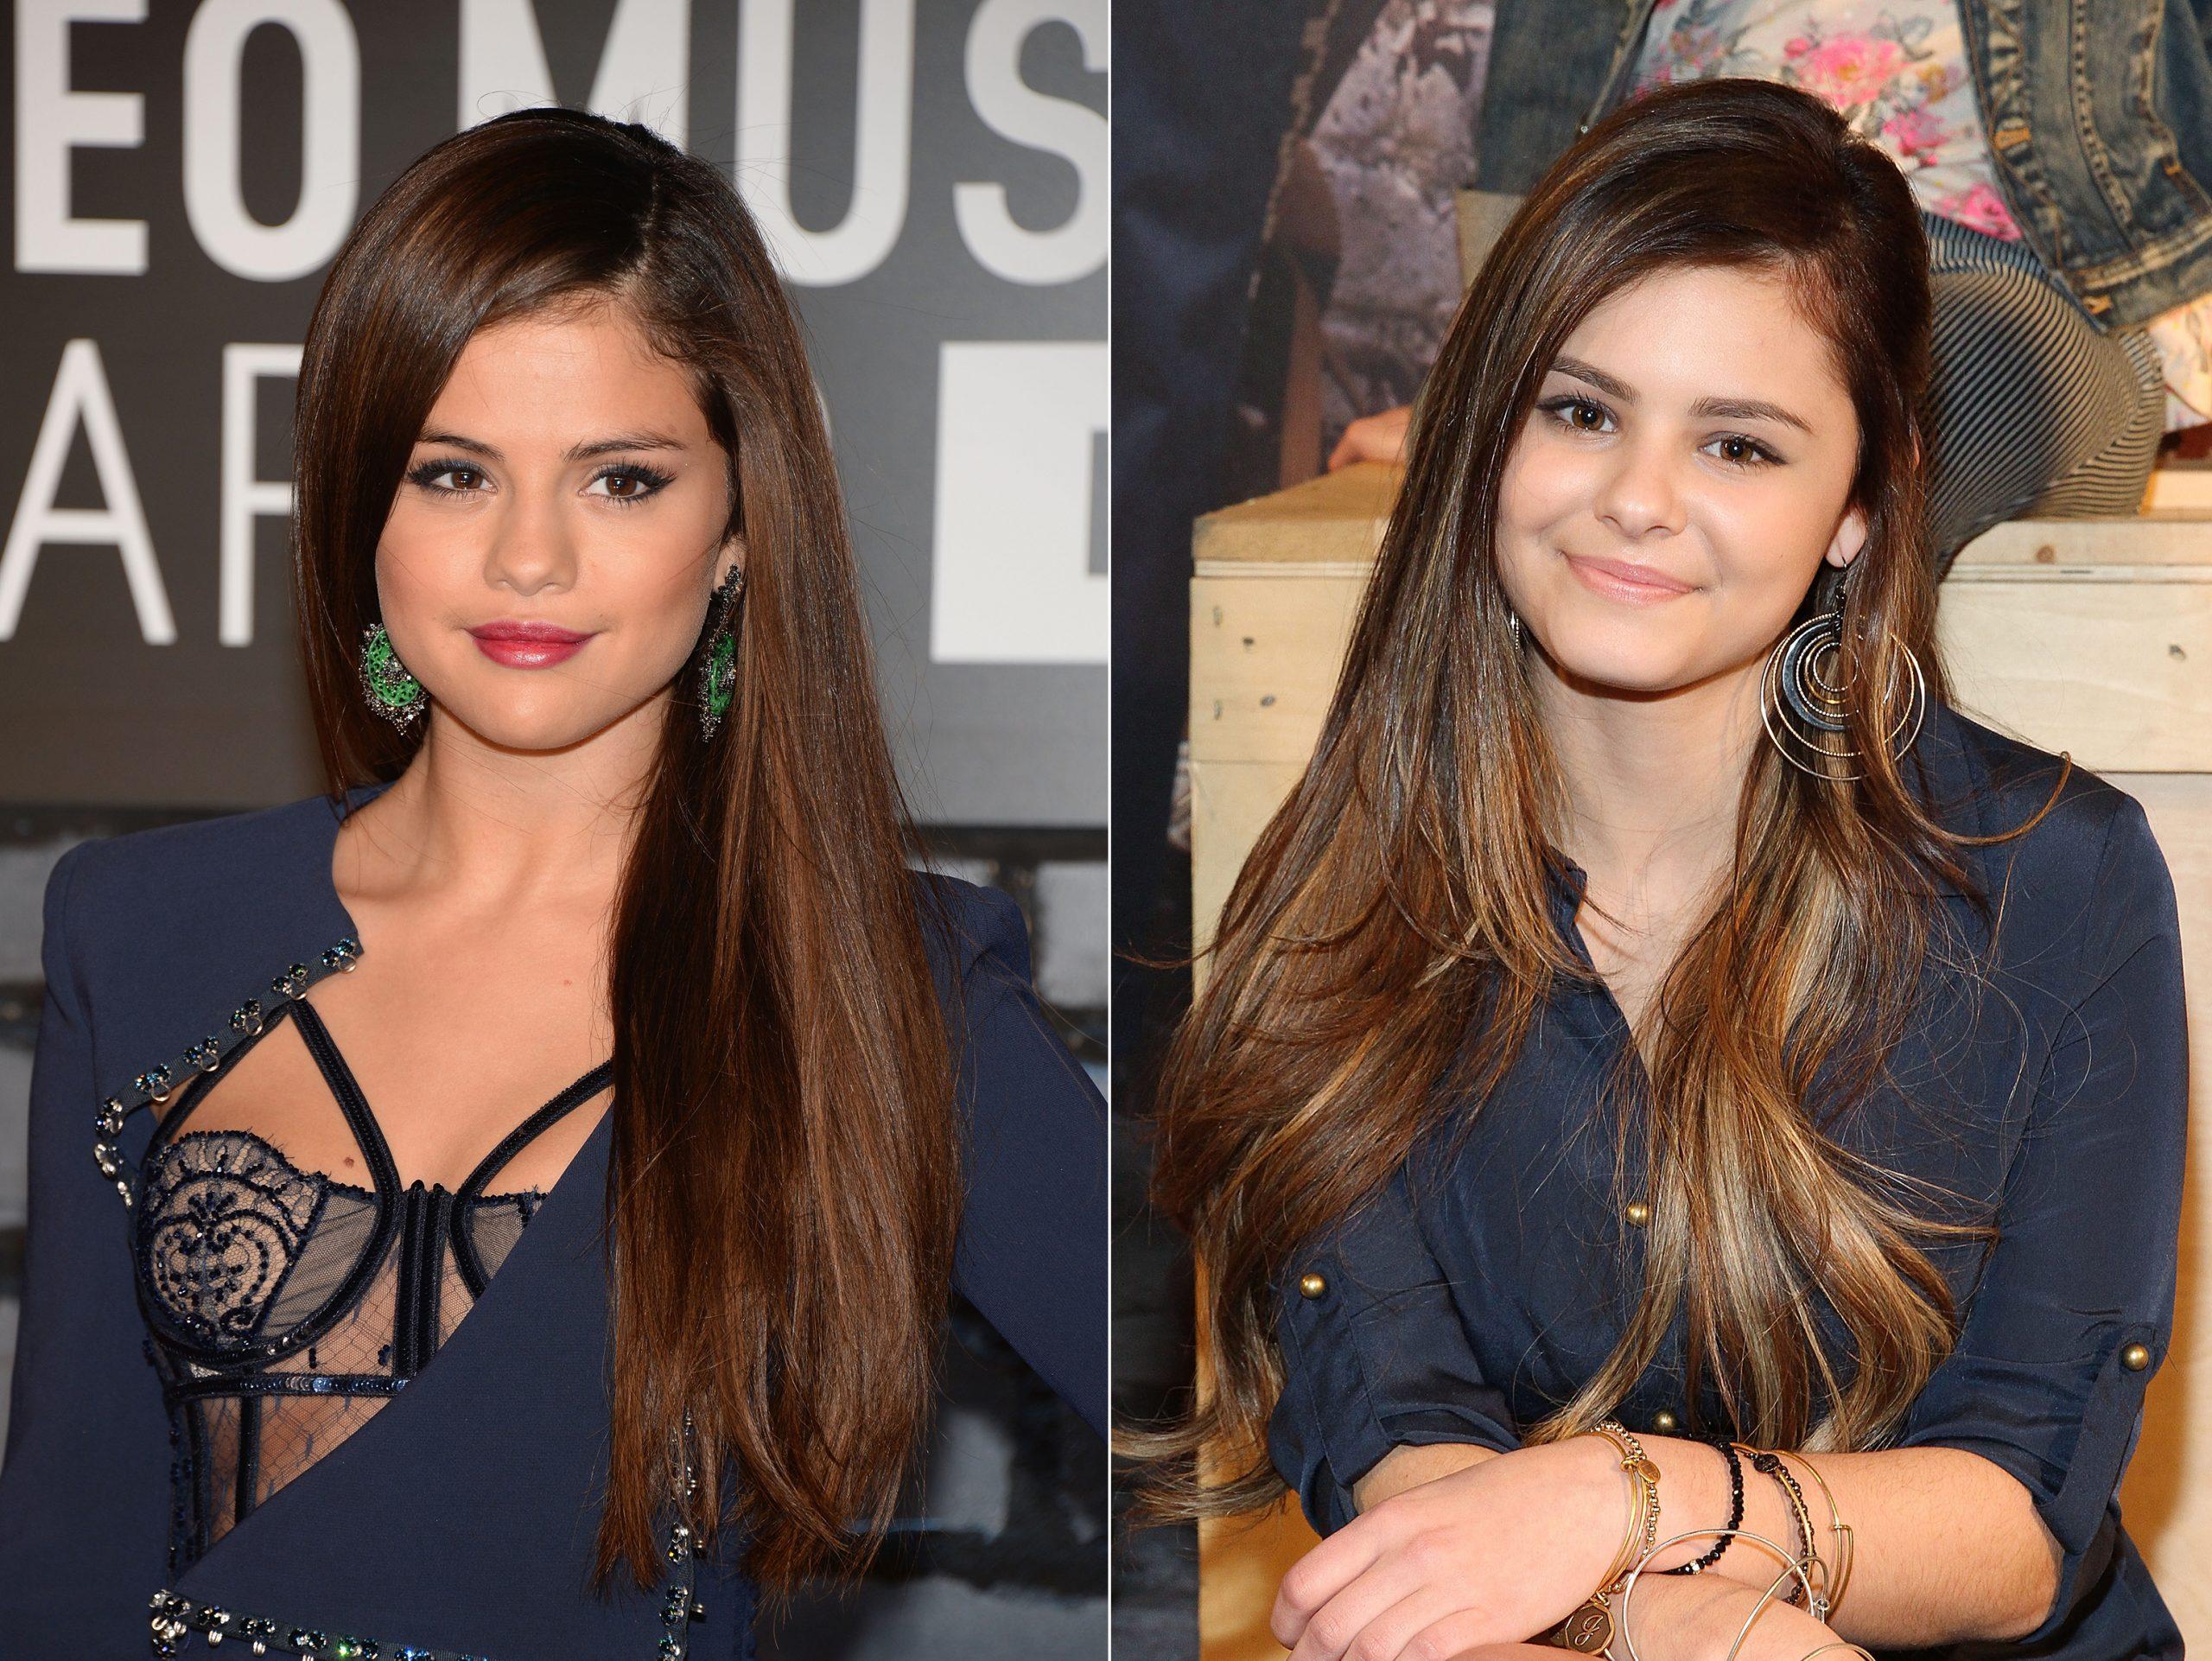 Selena Gomez and Jacquie Lee